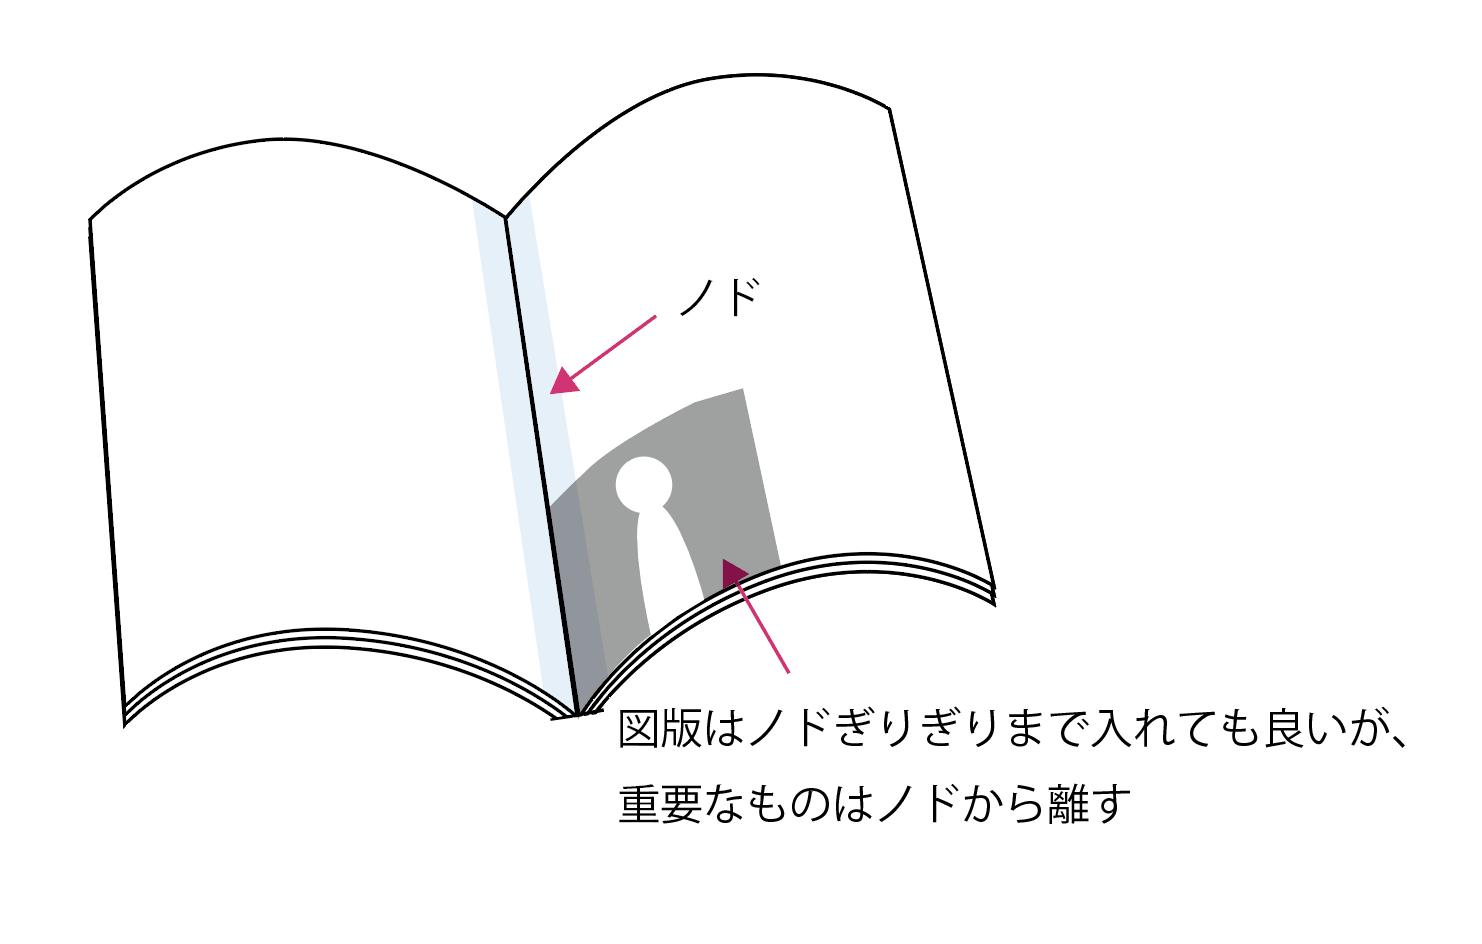 重要な図版、円形、矢印、人物はなるべく片方のページに収まるように配置する